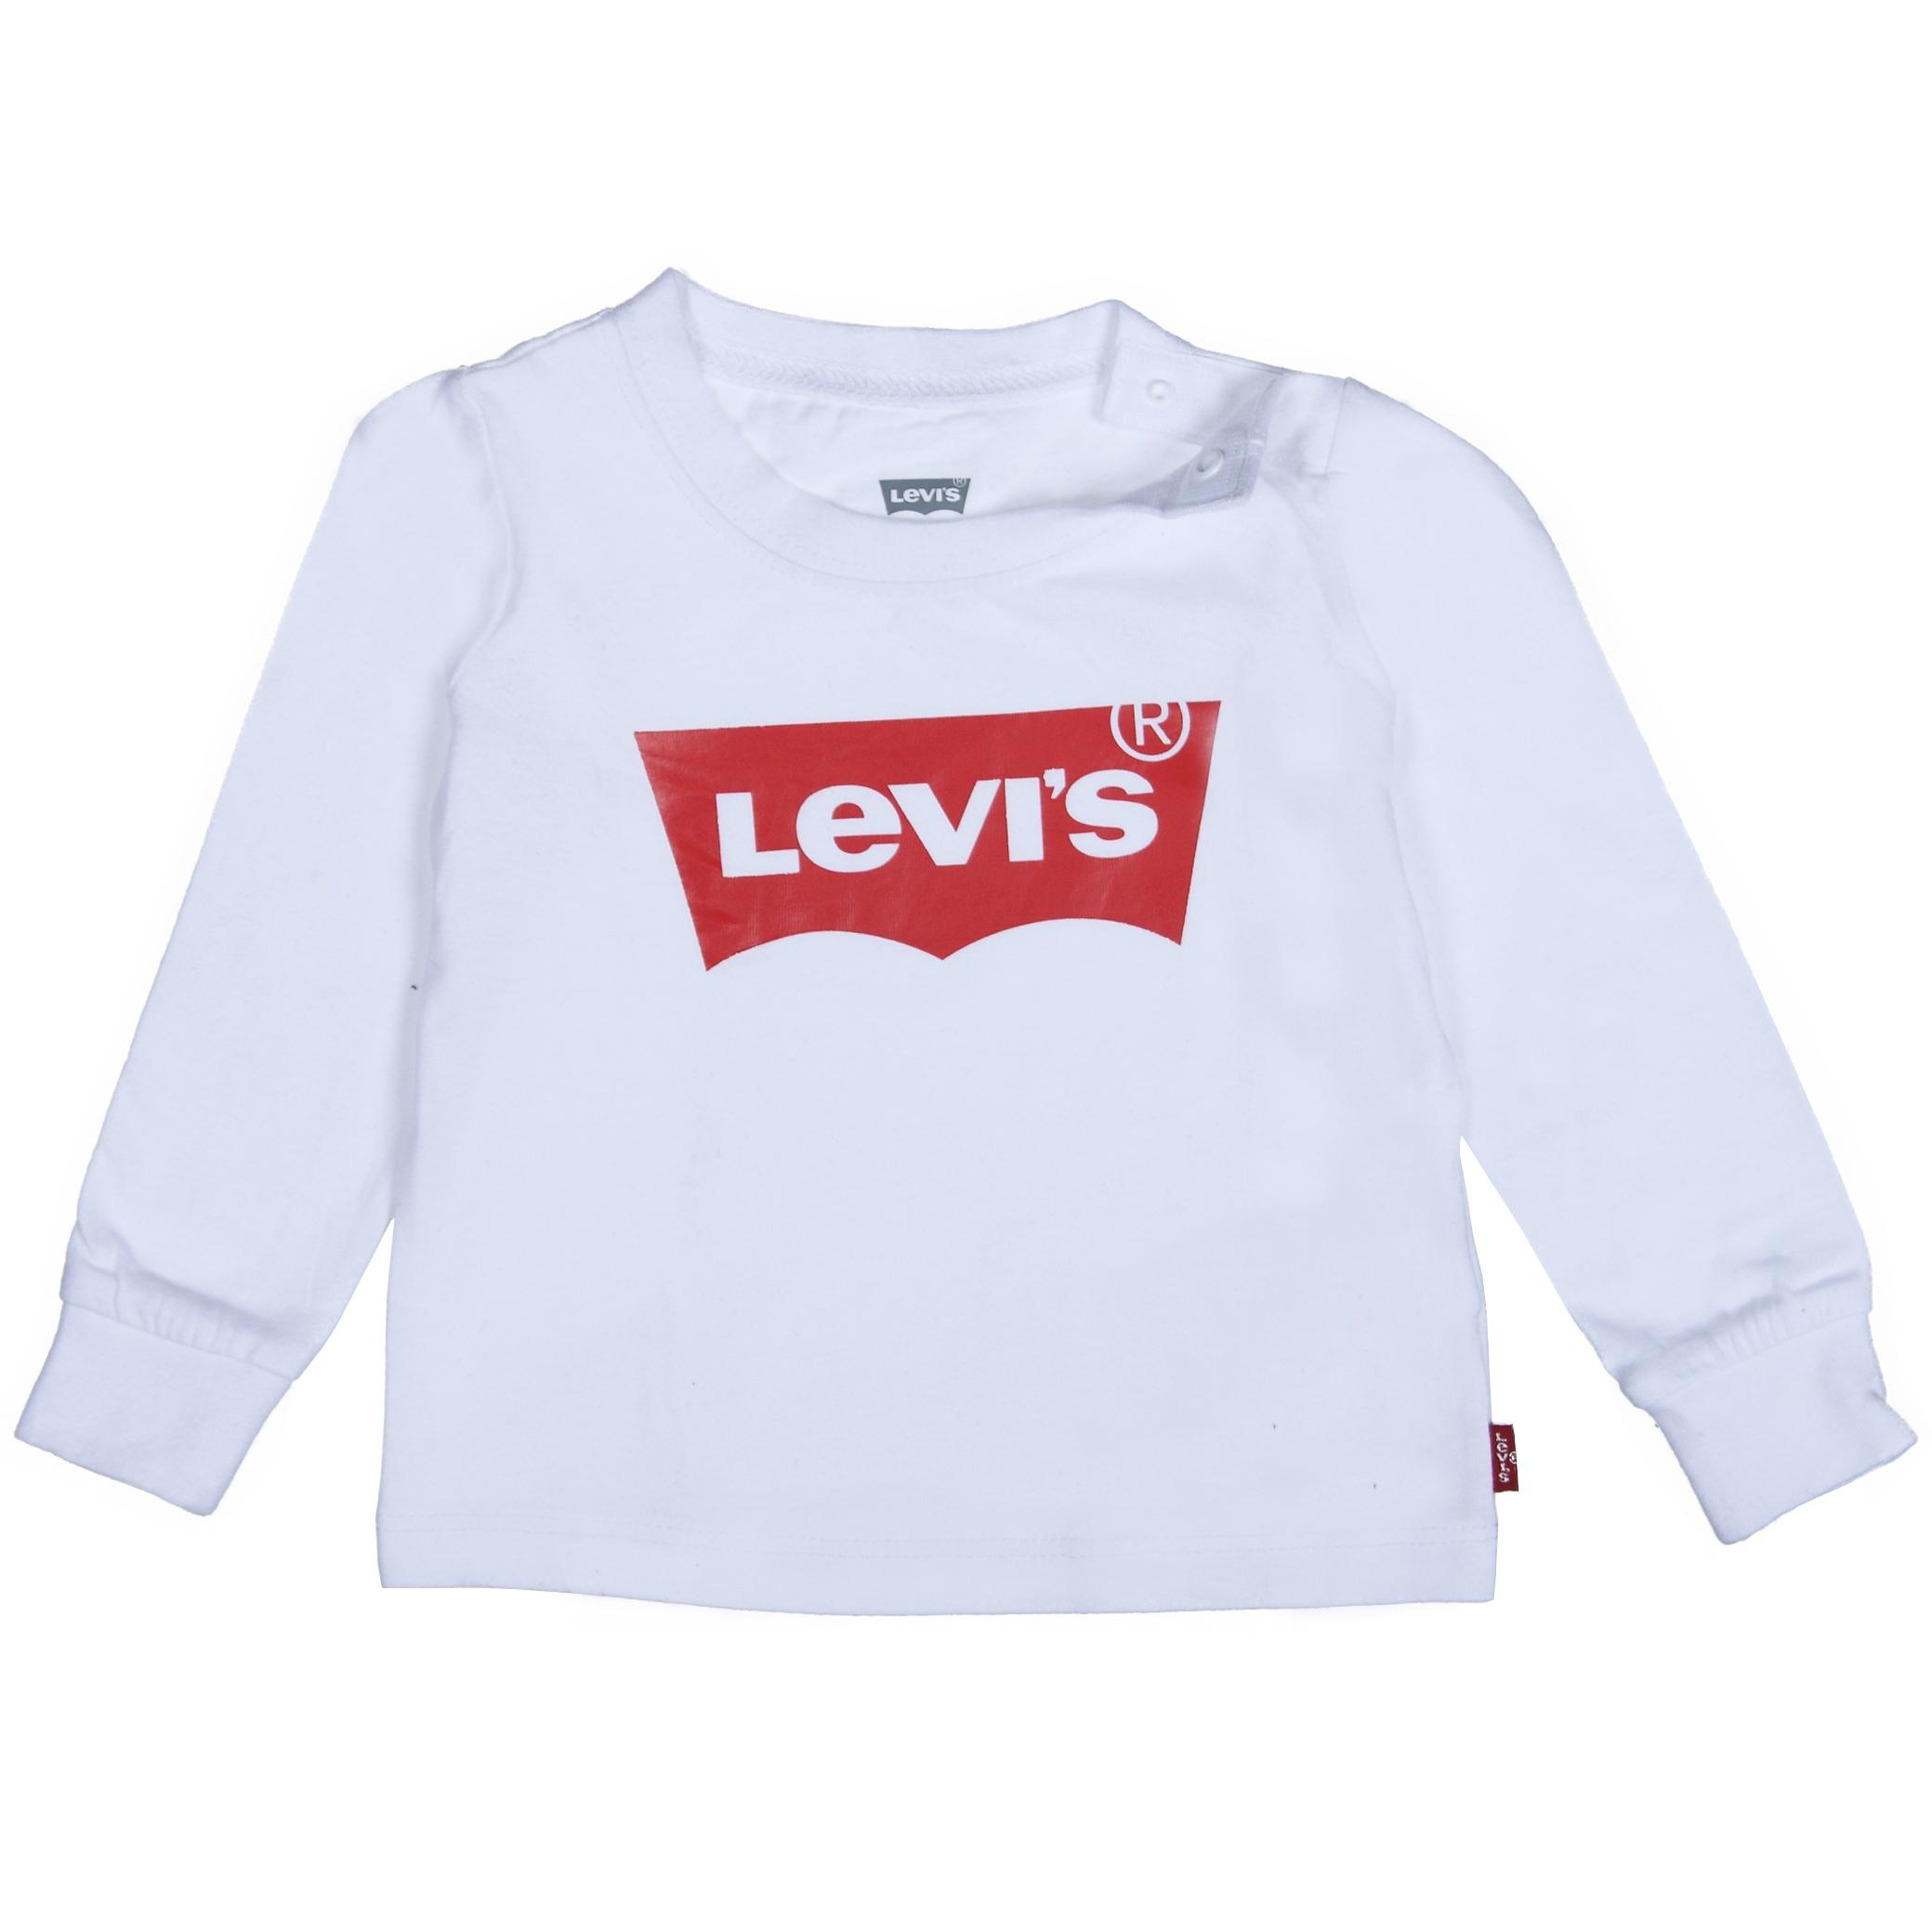 https://www.leadermode.com/183744/levi-s-kids-6e8646-001-white.jpg